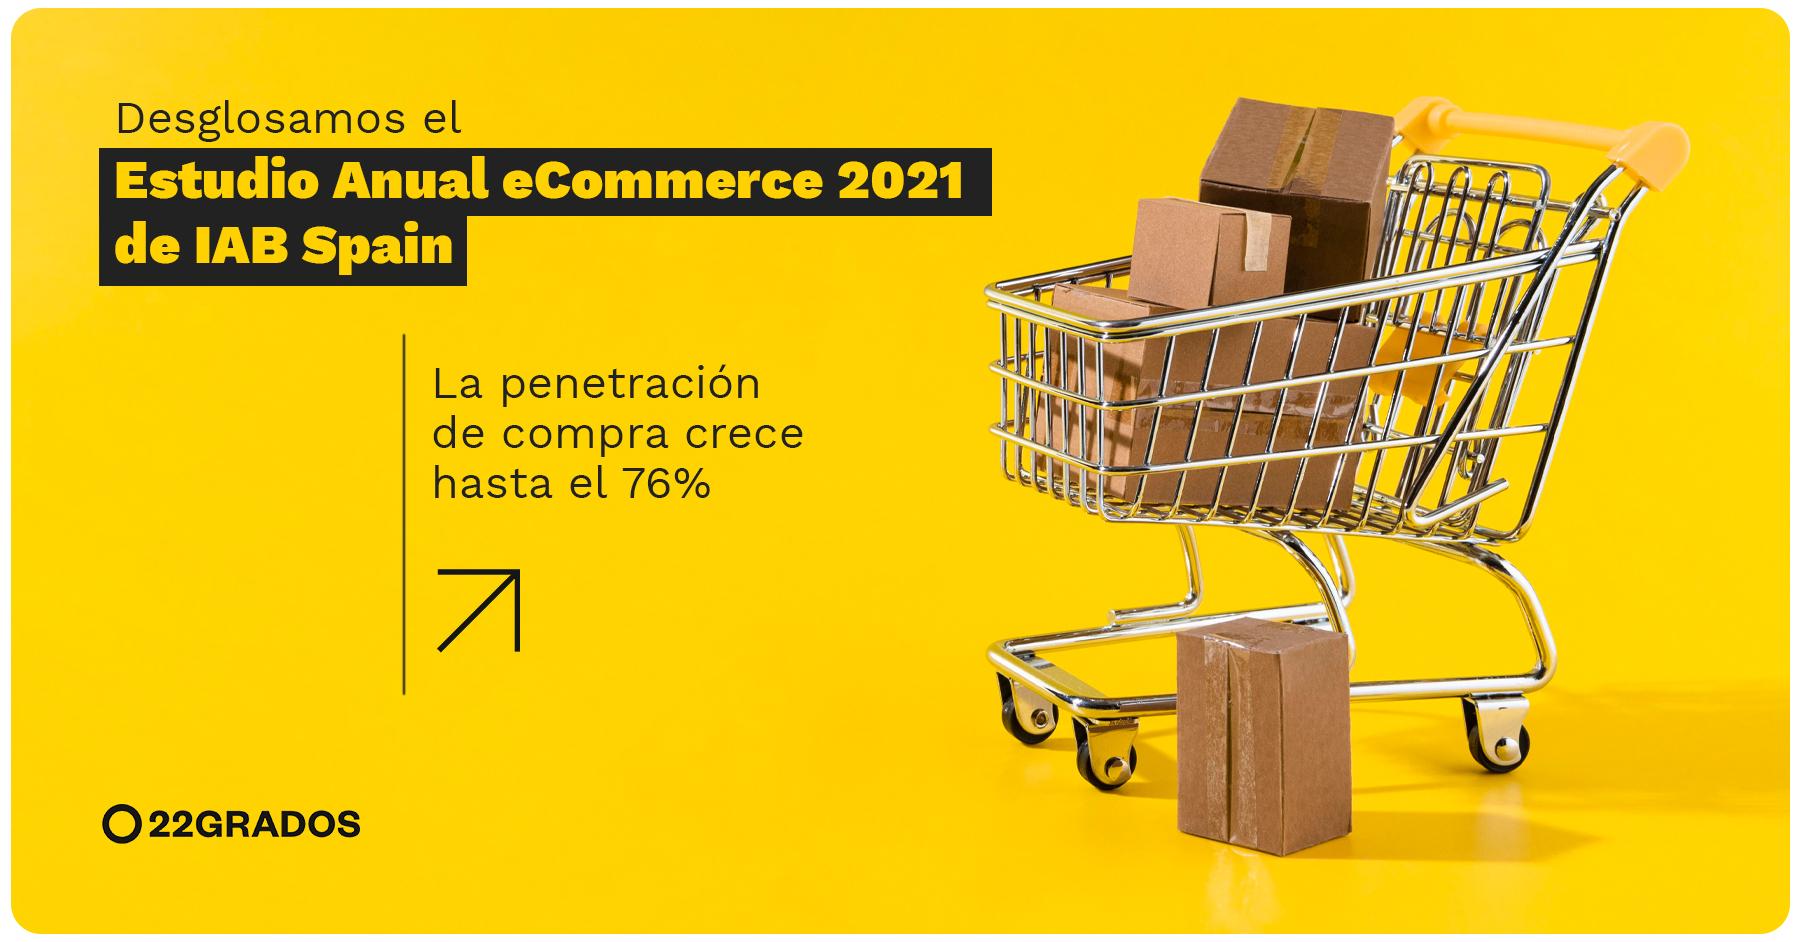 Desglosamos el Estudio Anual eCommerce 2021 de IAB Spain: La penetración de compra crece hasta el 76%